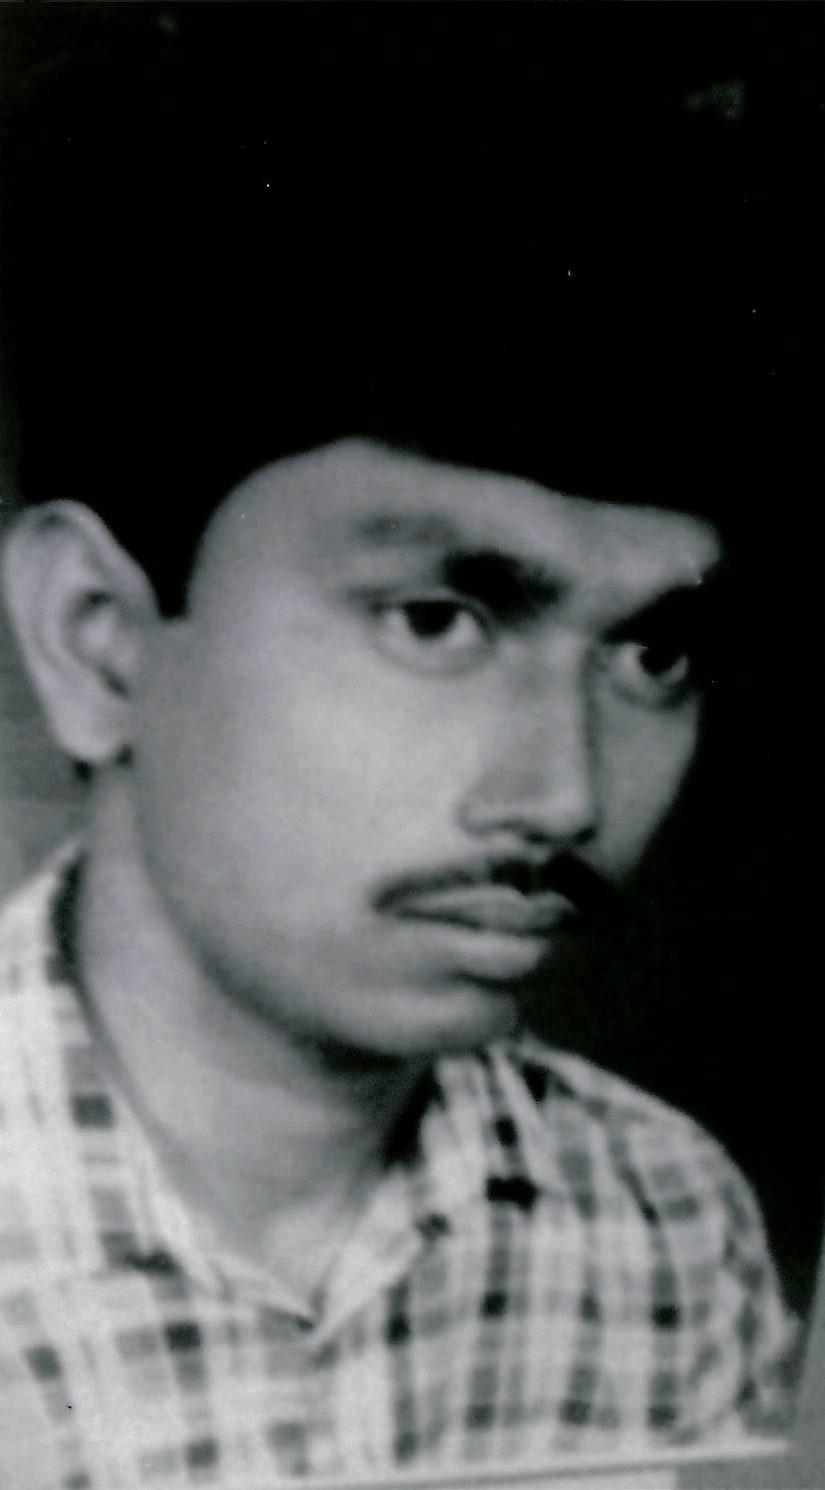 Sarkar, Pijush Kanti